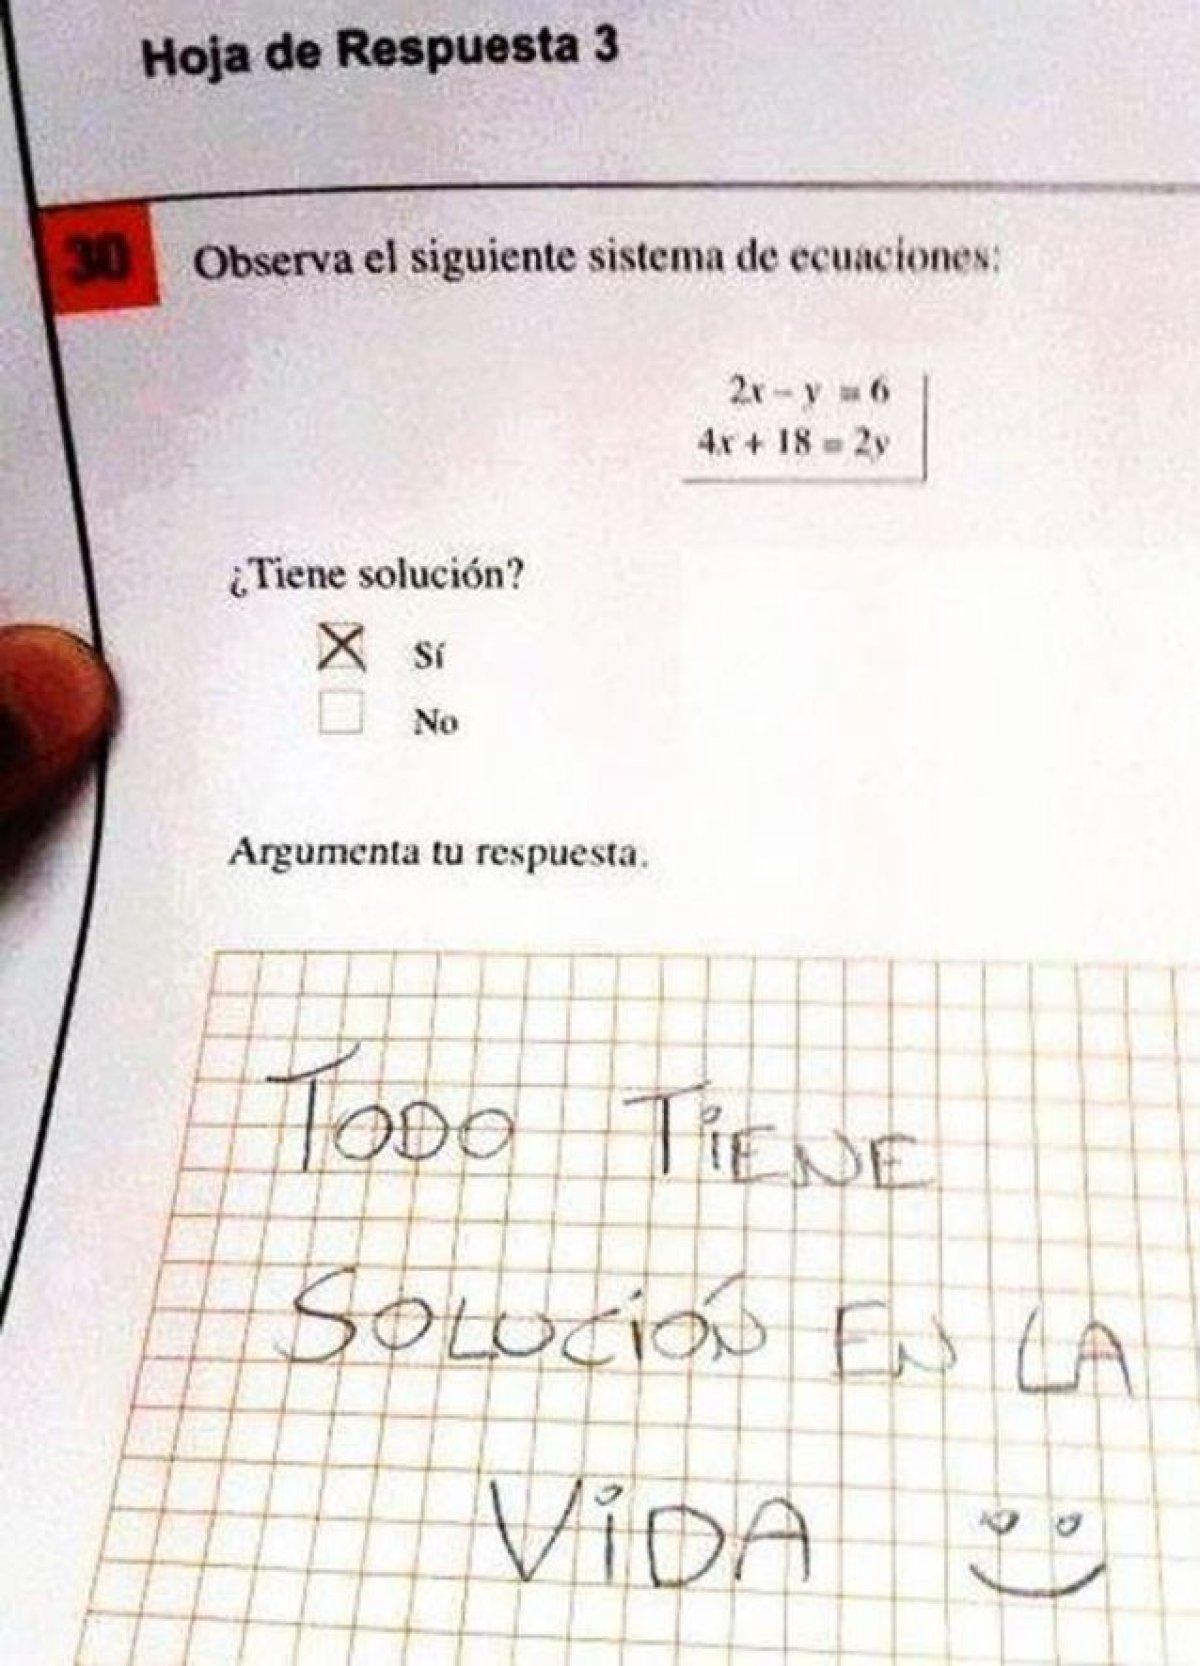 Resultado de imagen para respuestas de examenes graciosas reales